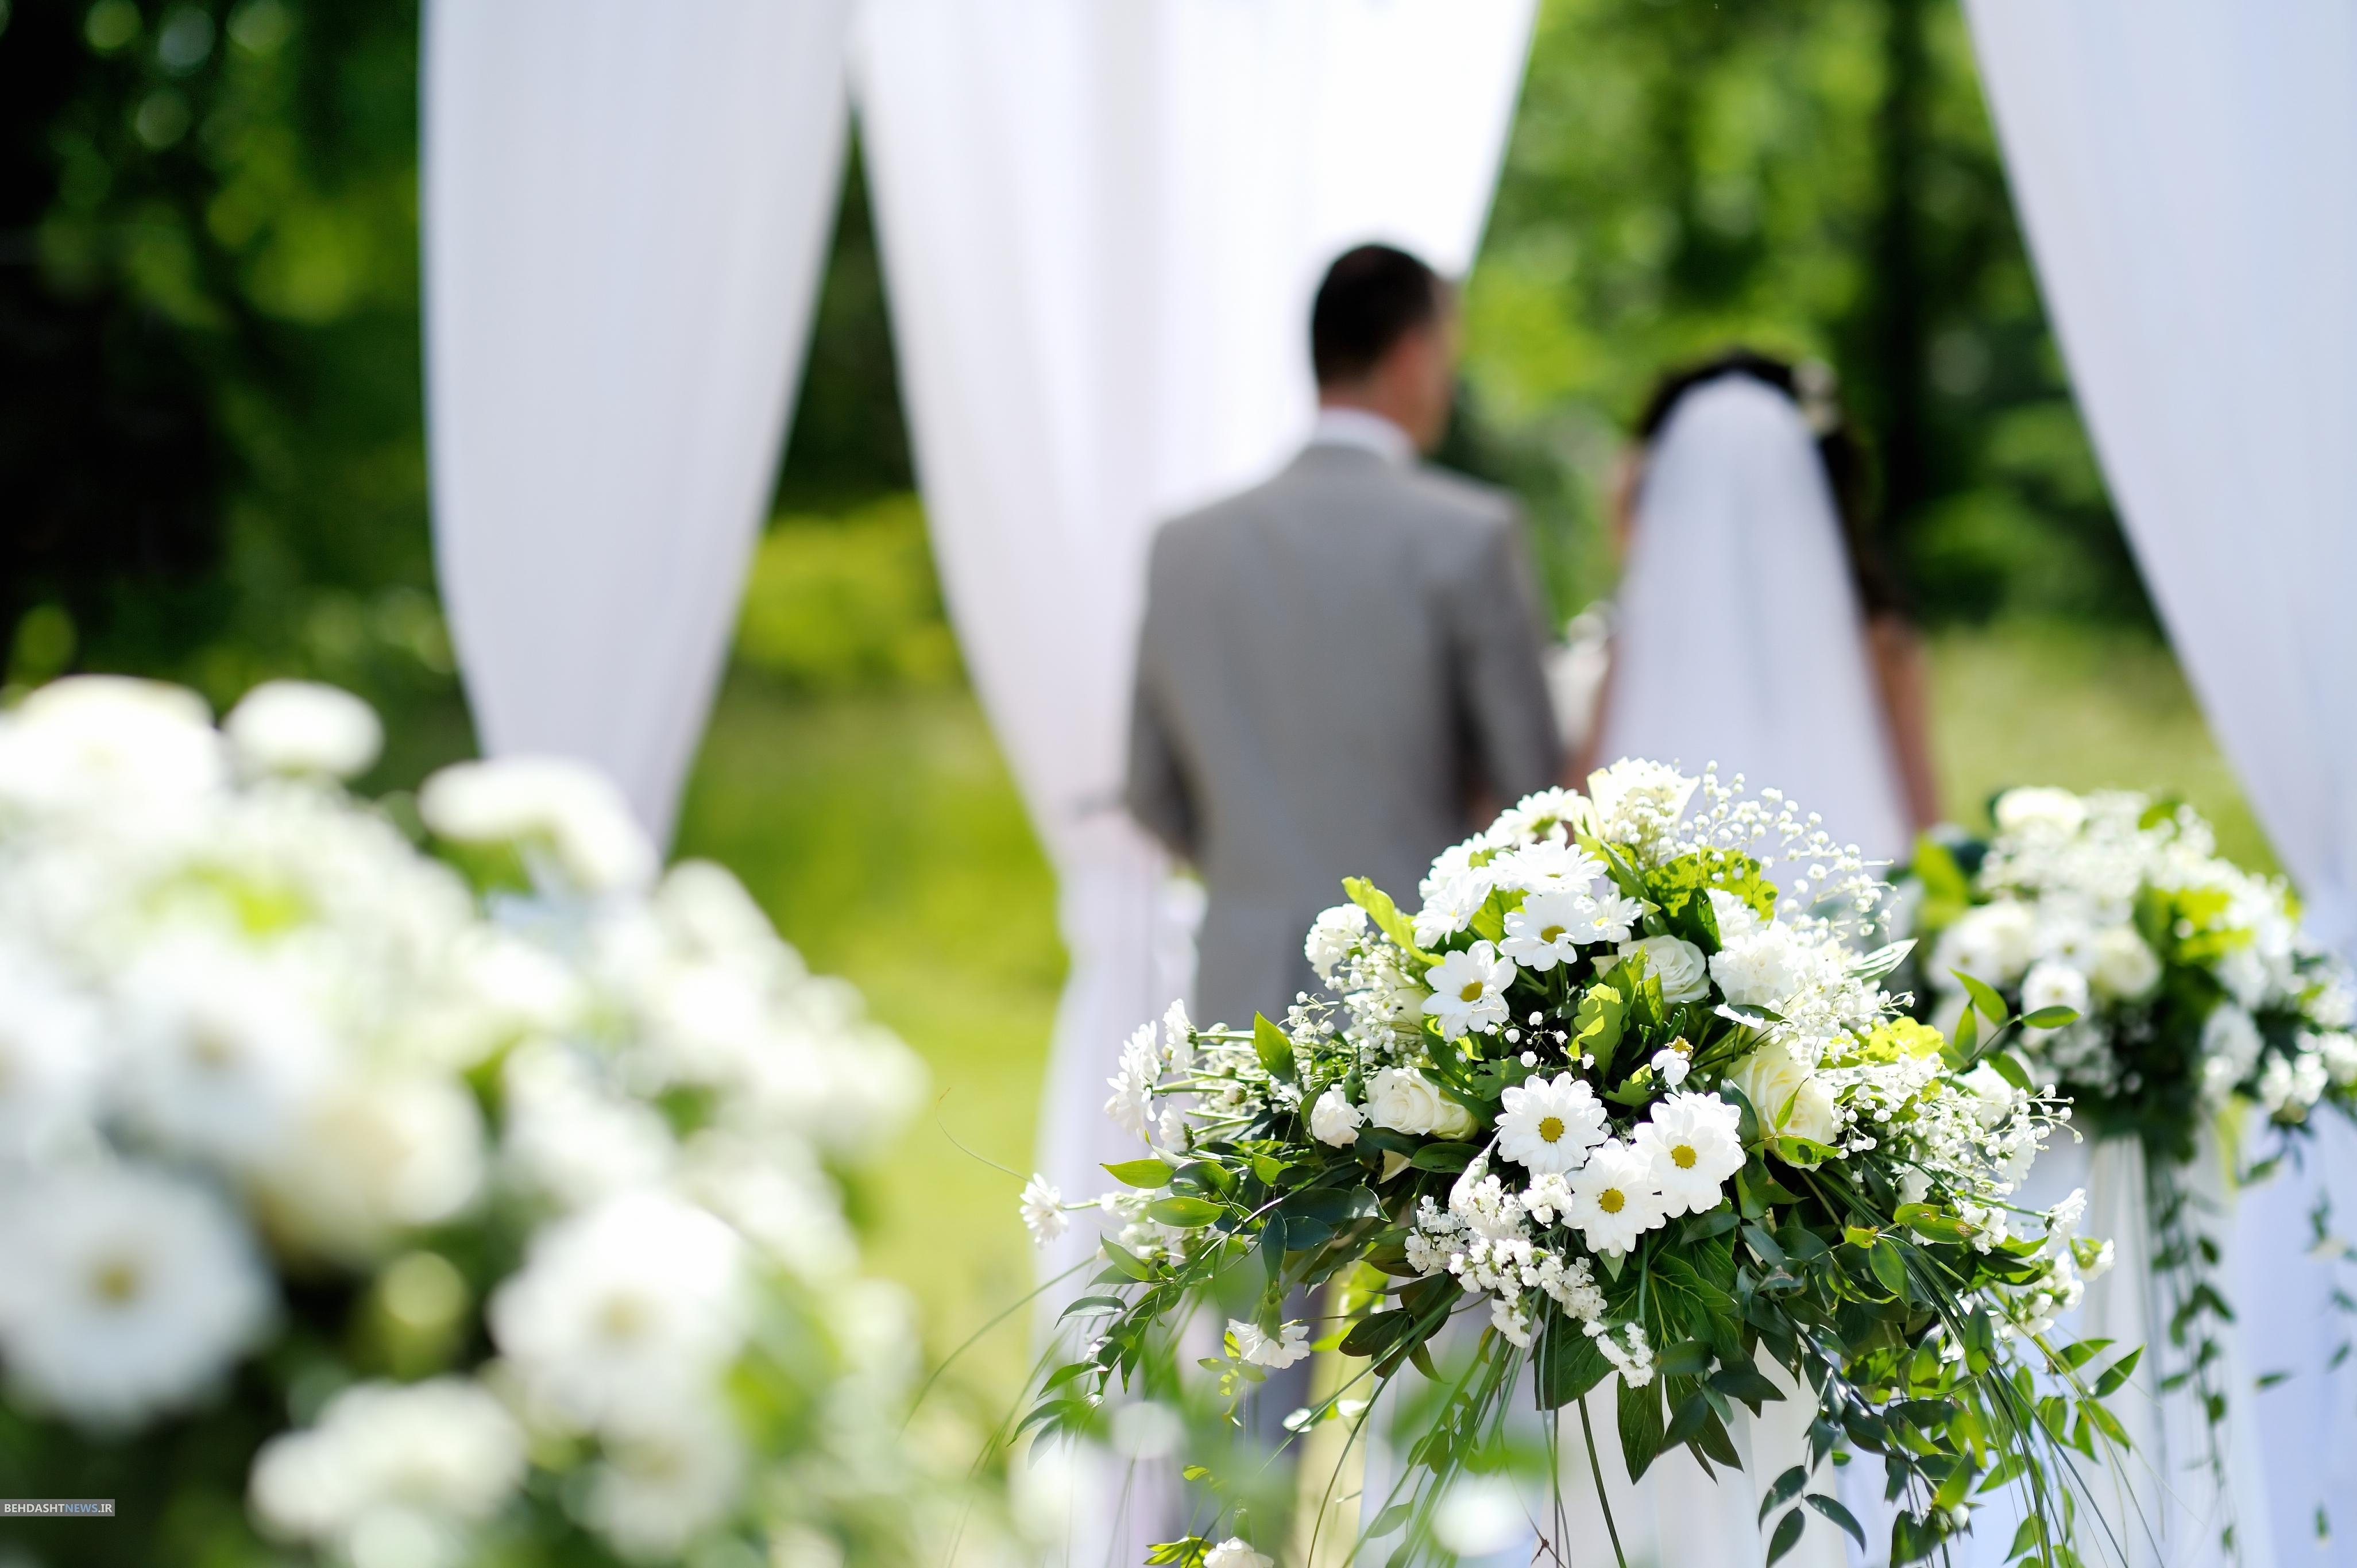 ۶۵ حقیقت جالب درباره مراسم عروسی